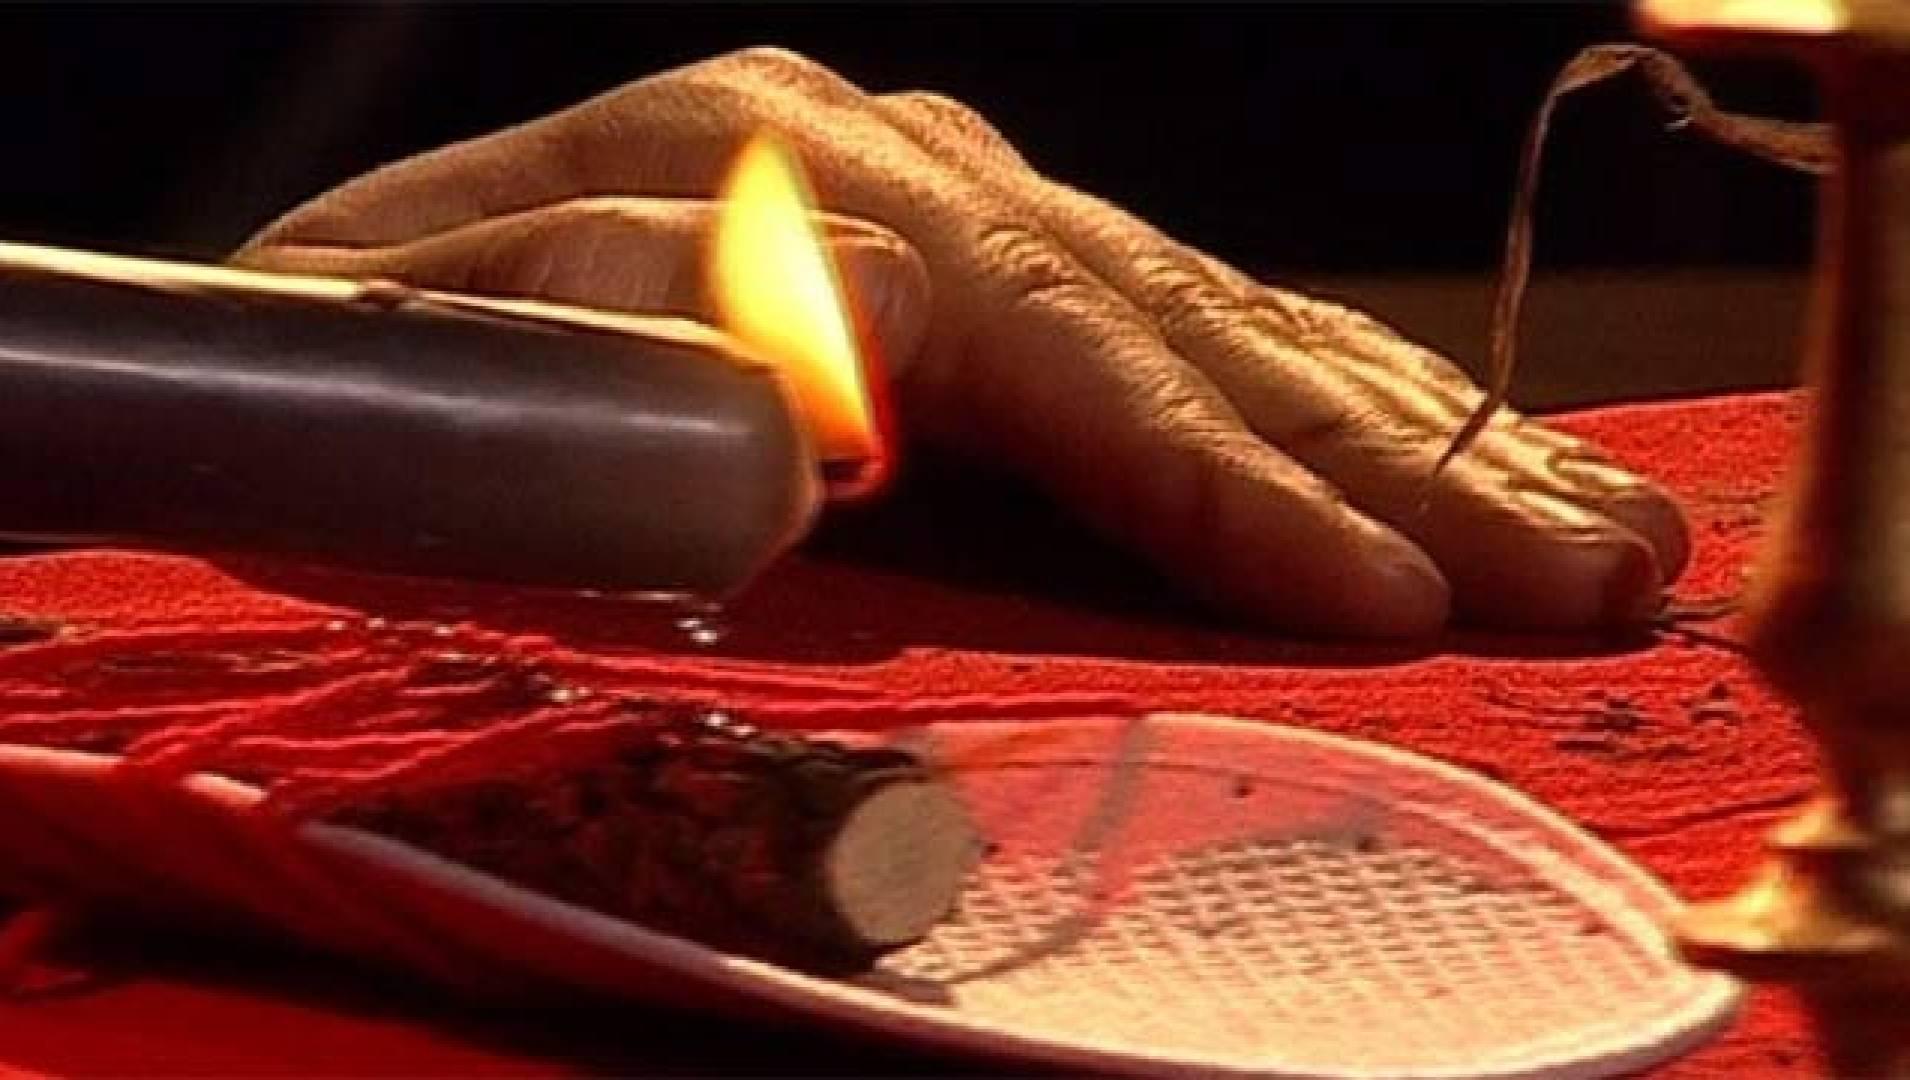 Как убрать сделанный приворот. Ритуалы для домашнего проведения 52